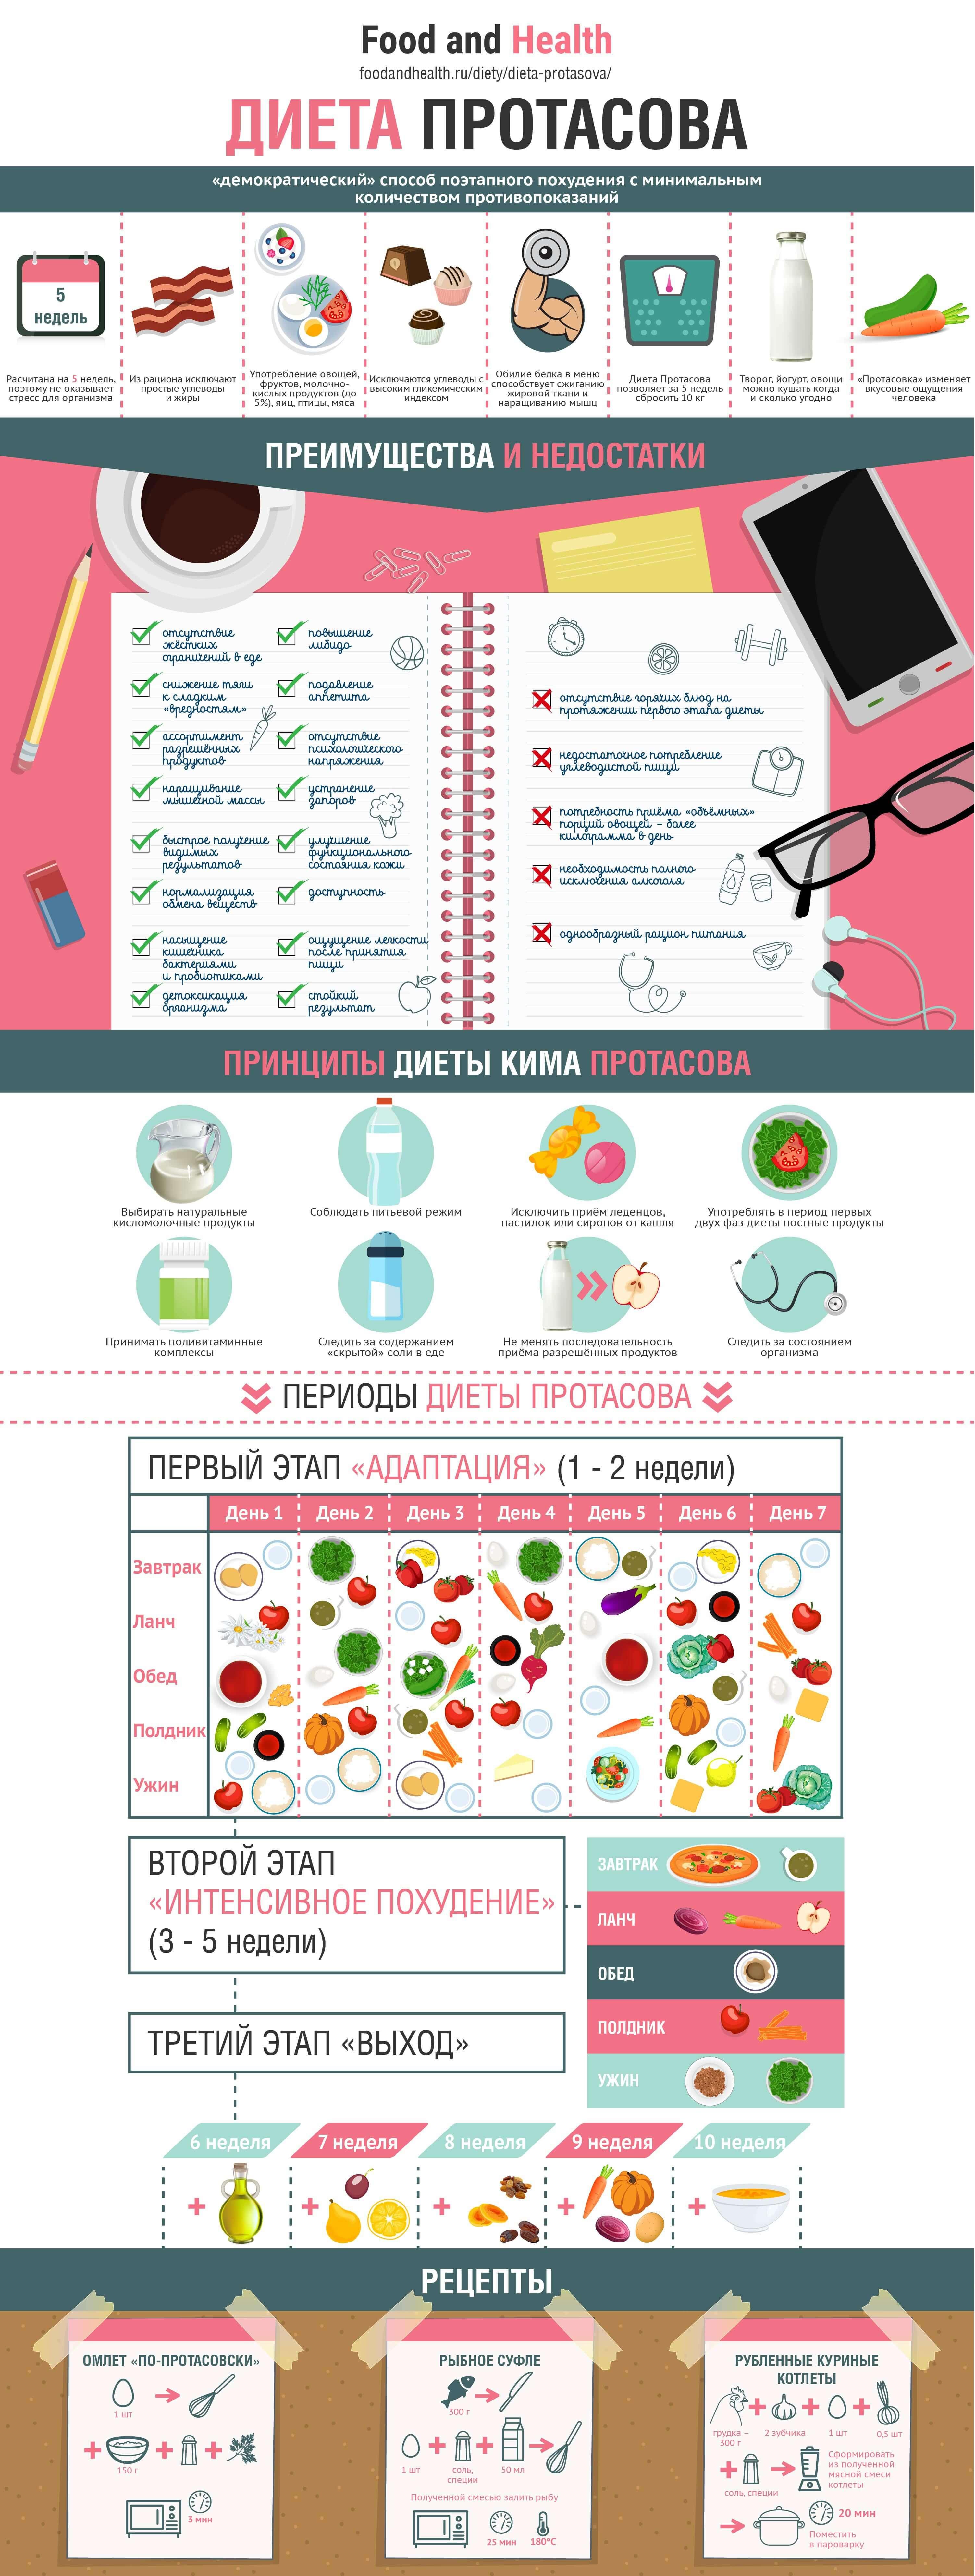 Диета Протасова: инфографика